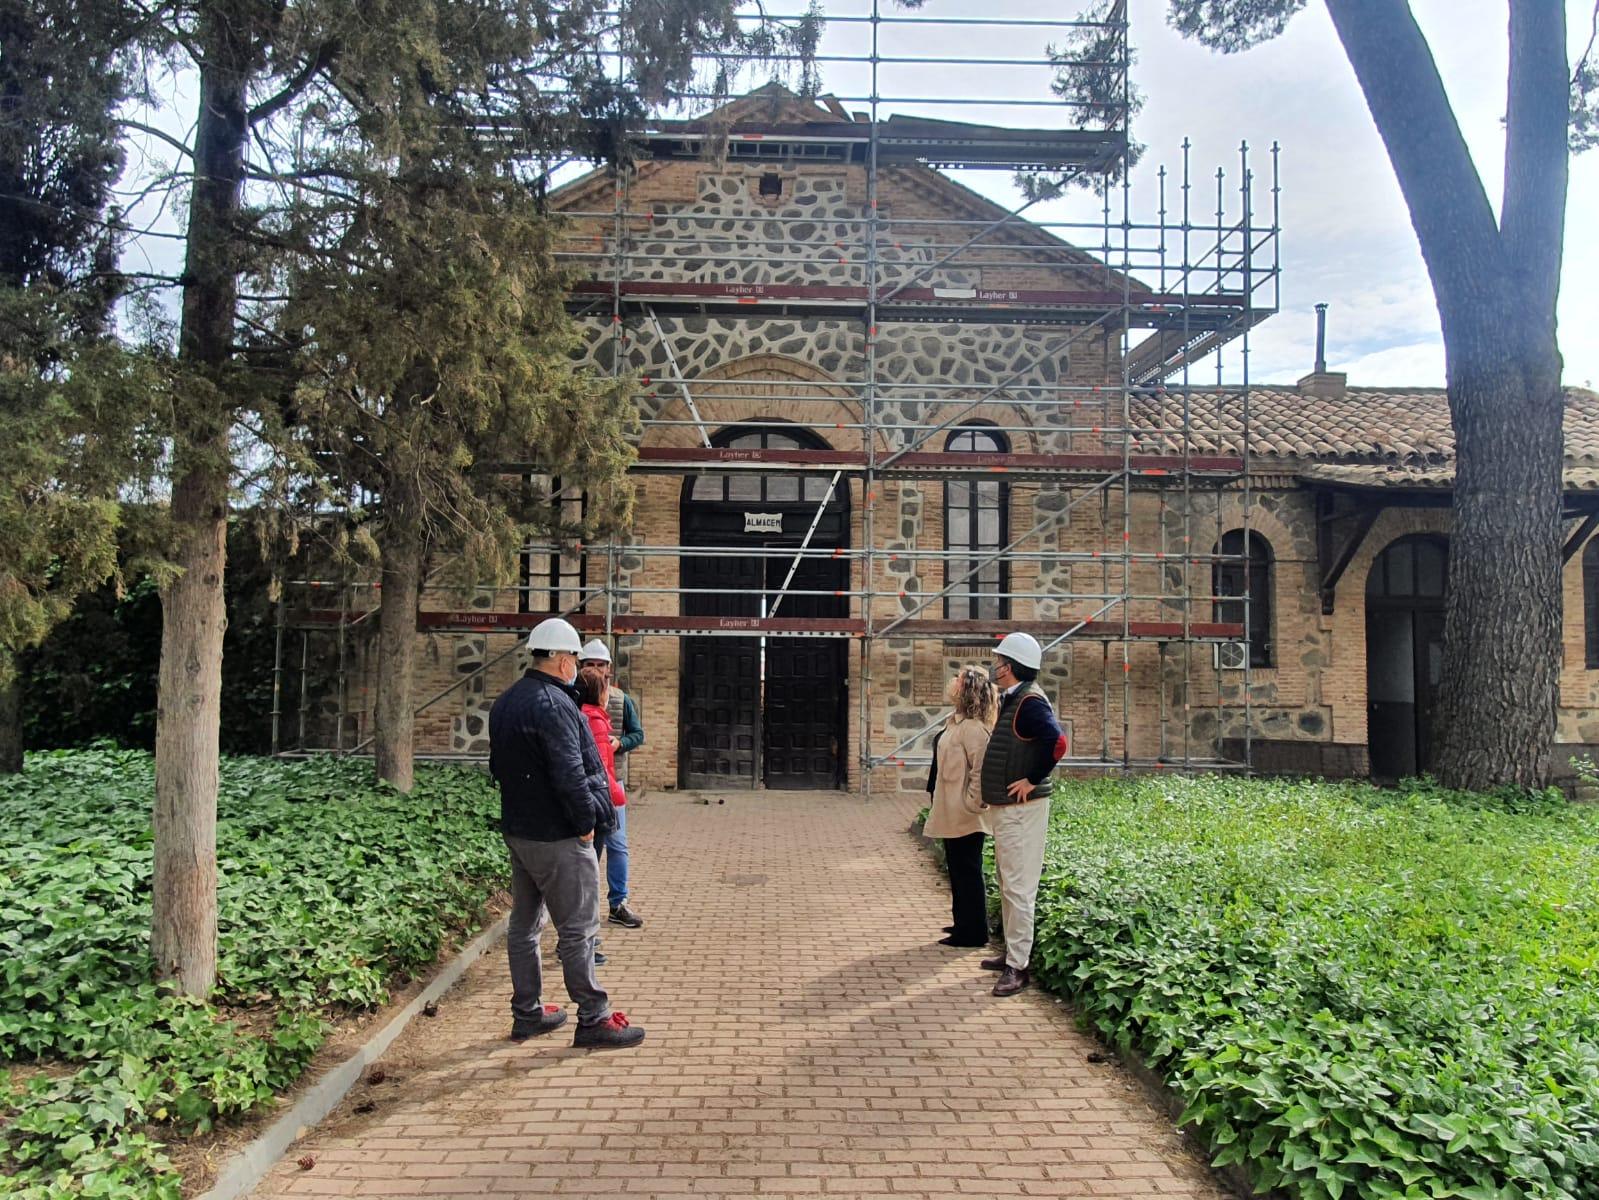 Avanza la rehabilitación del almacén del Cementerio Municipal con el saneamiento de la cubierta y la restauración de la fachada